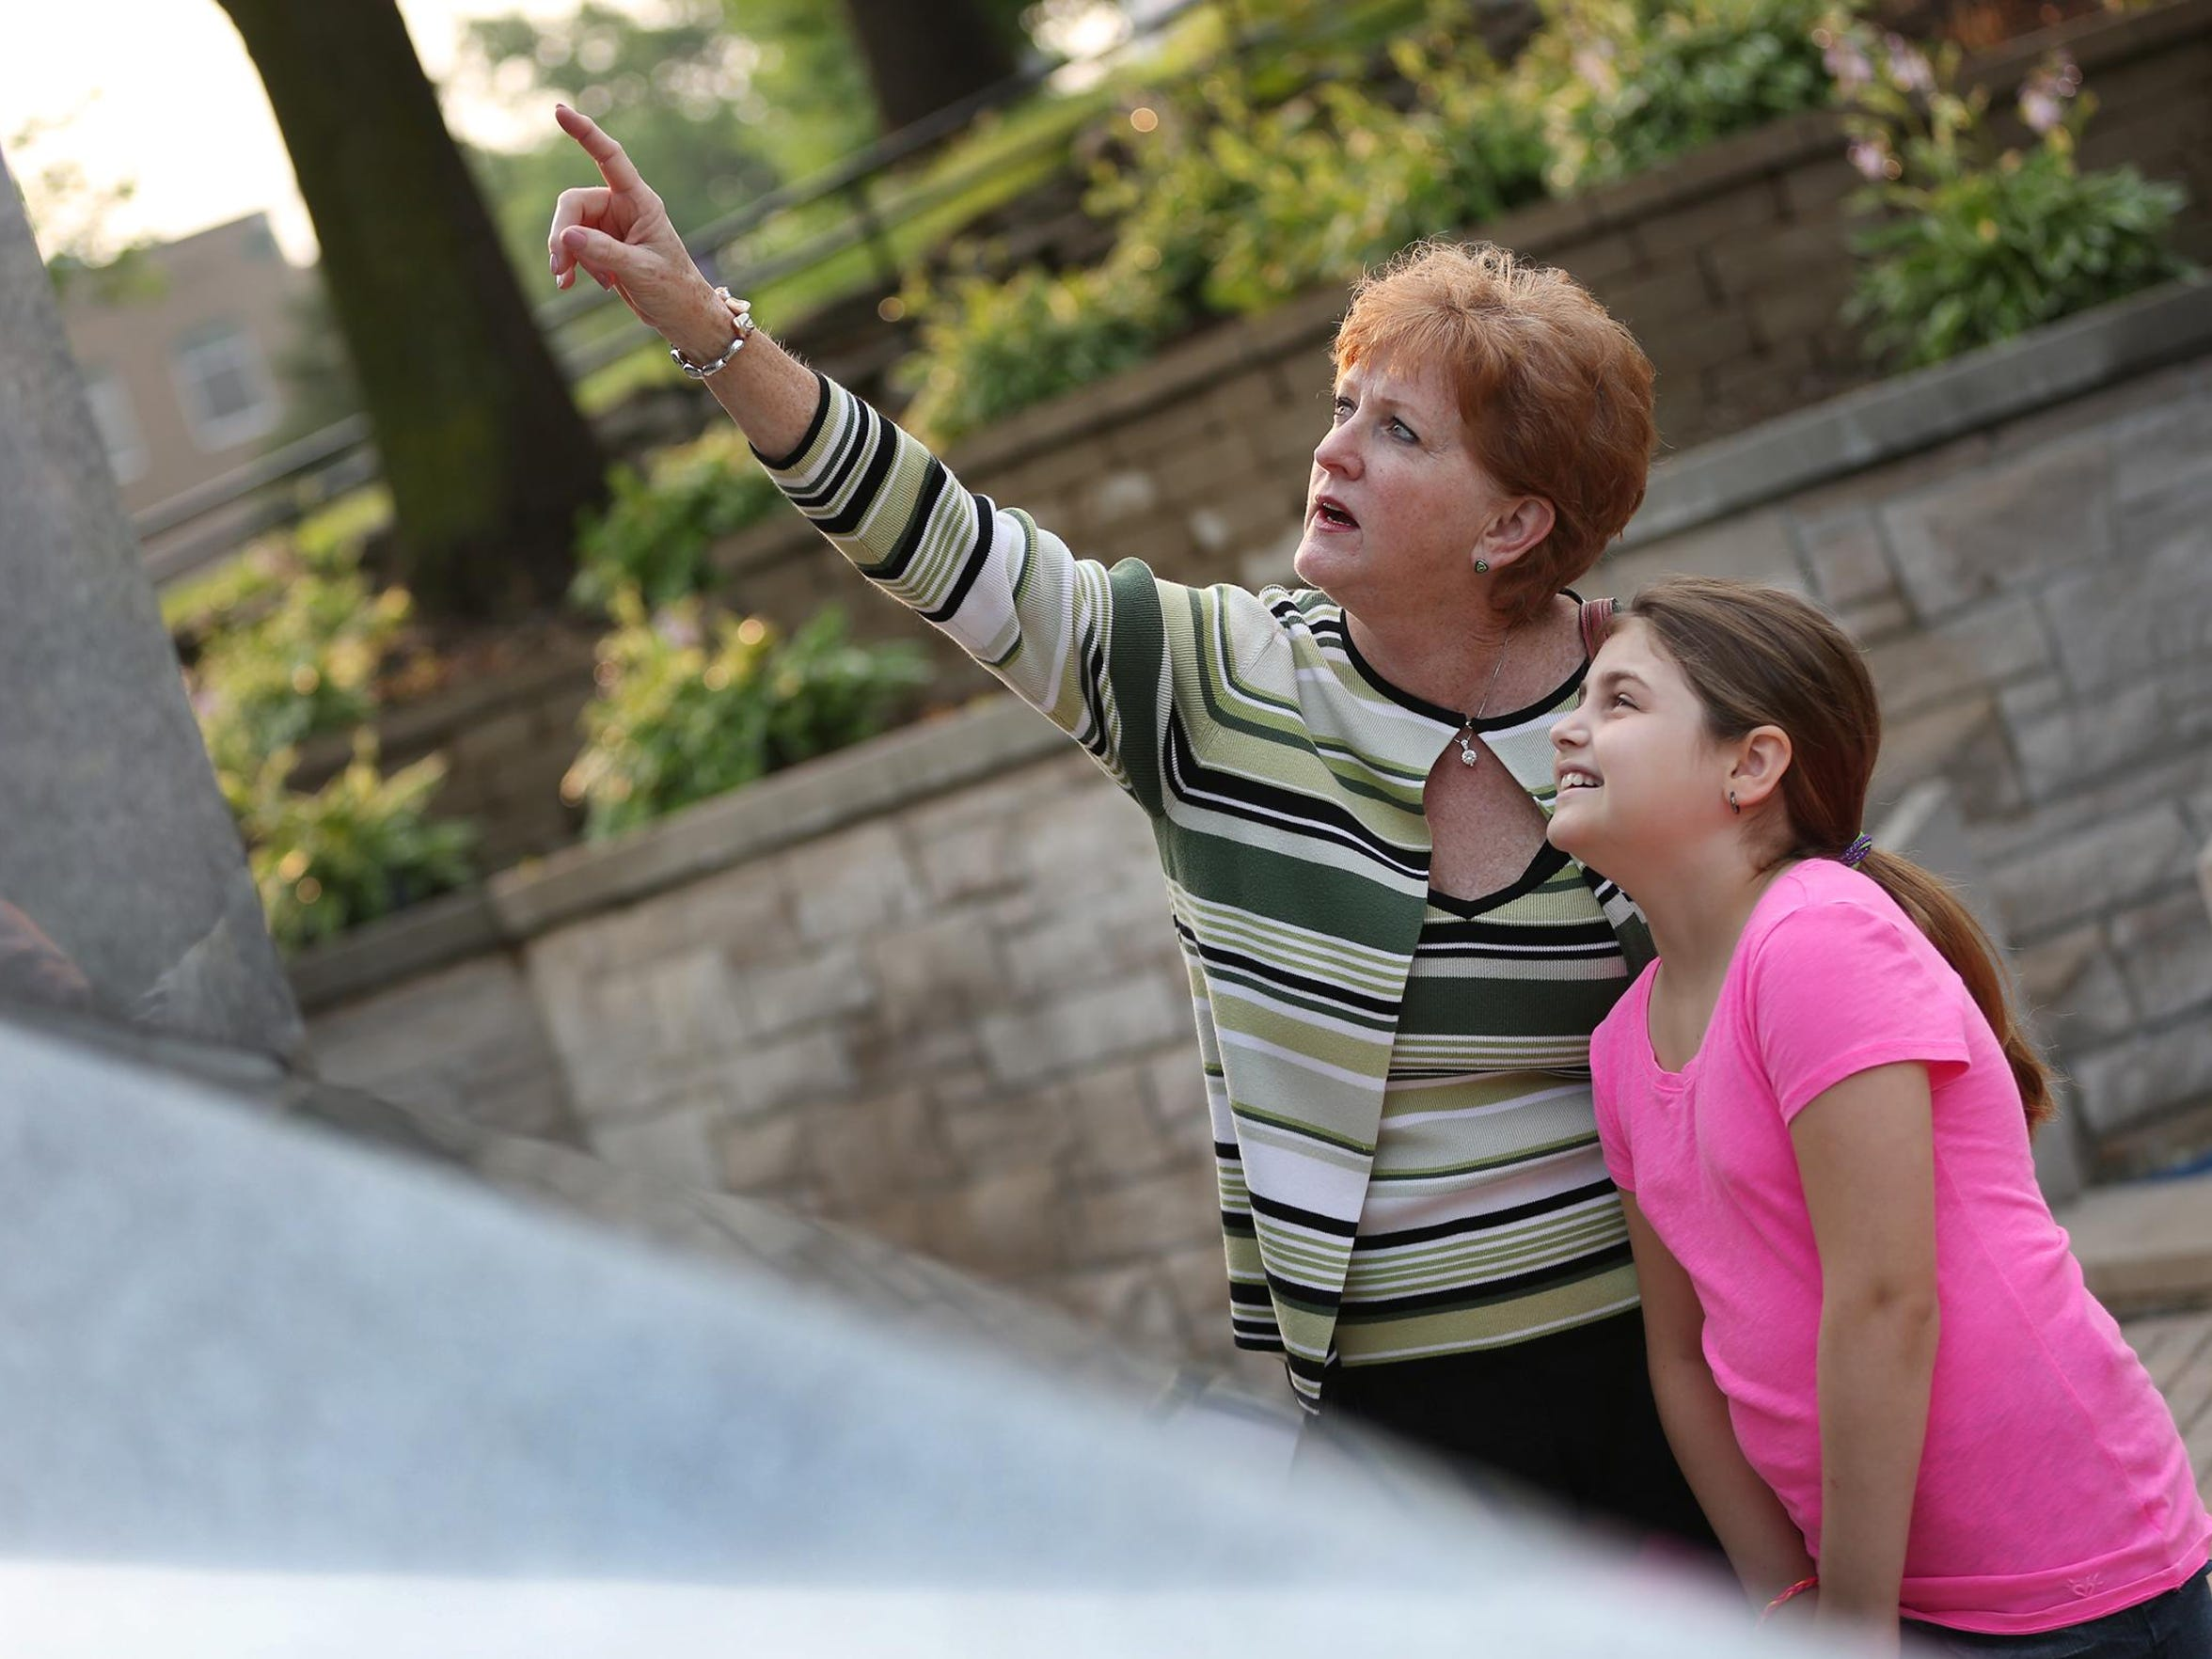 Donna Cadwallader, left, shows her granddaughter, Libby